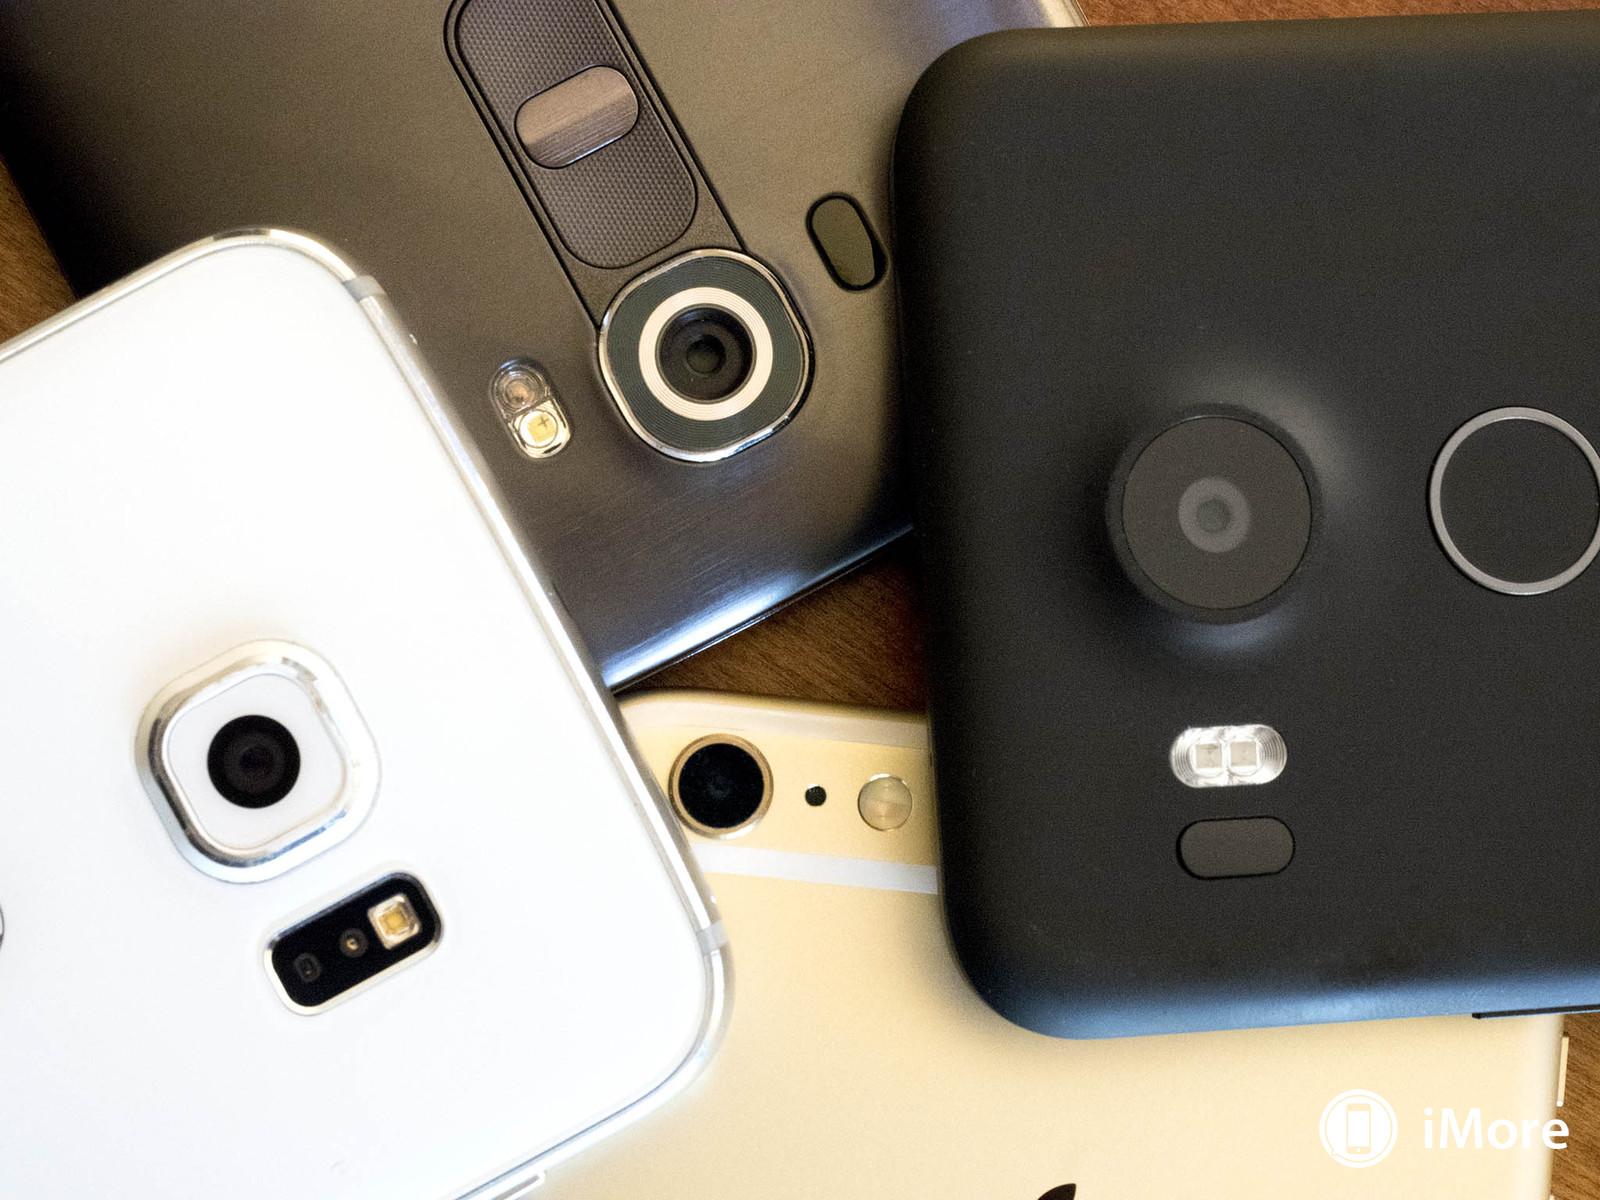 Imagem de Descubra qual tem a melhor câmera: Galaxy S6, LG G4, Nexus 5X ou iPhone 6s? no tecmundo